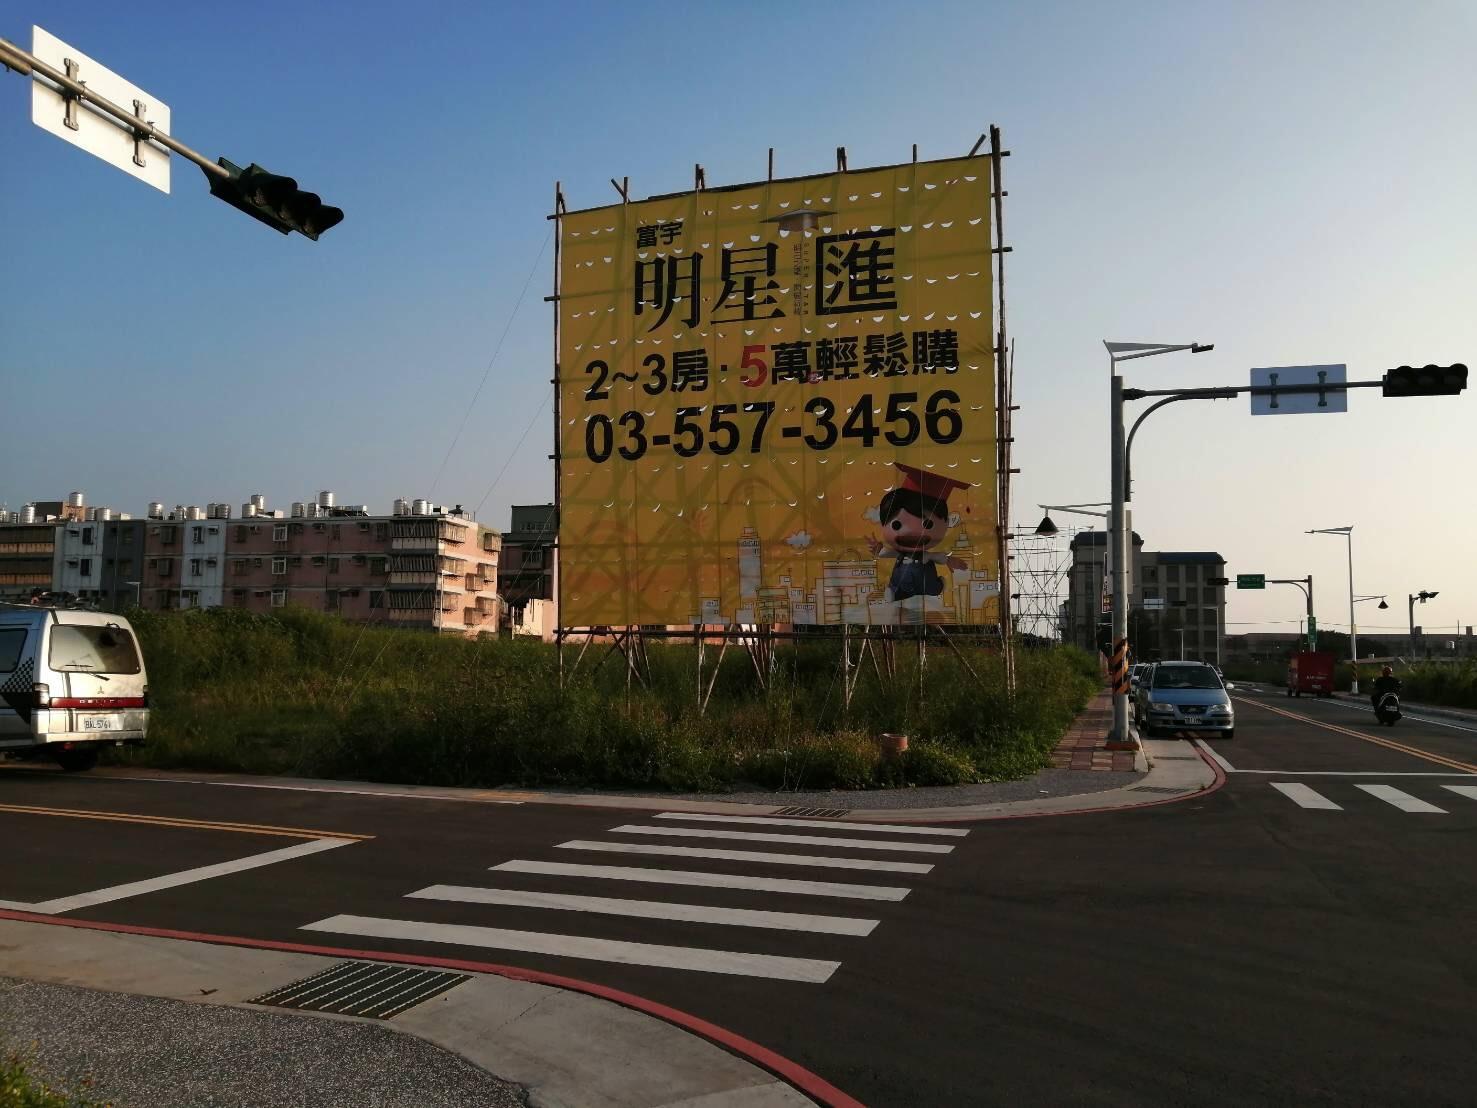 圖片:新竹新豐新建案 | 小資購屋省荷包看這邊!富宇建設「富宇明星匯」五萬輕鬆購入明新科大生活圈